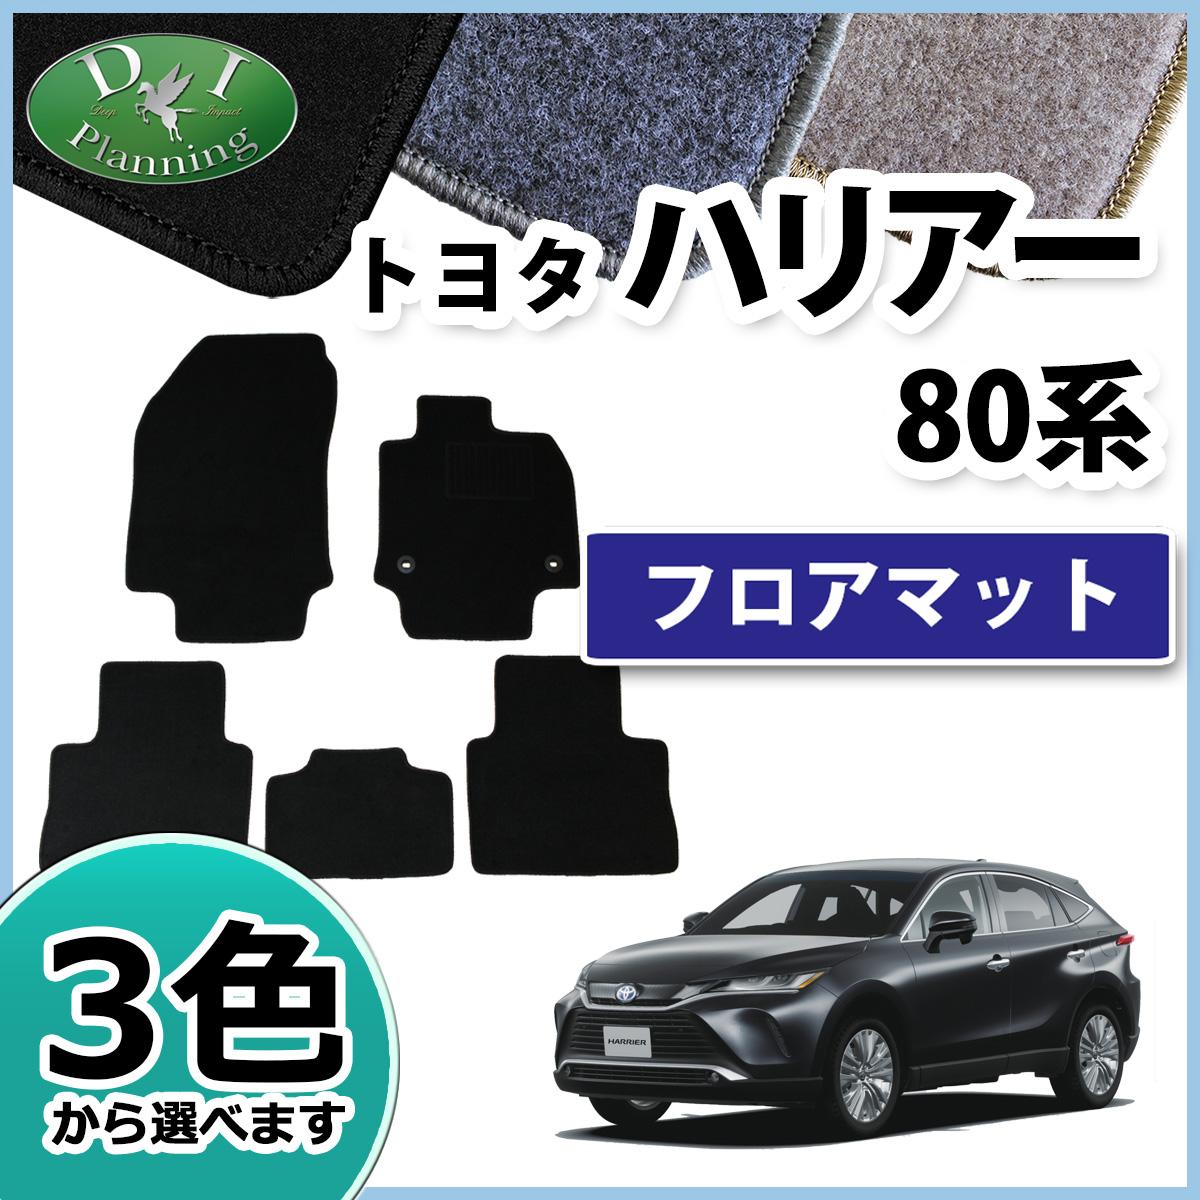 こちらの商品はトヨタ ハリアーハイブリッド AXUH80 AXUH85 フロアマット DX黒になります。